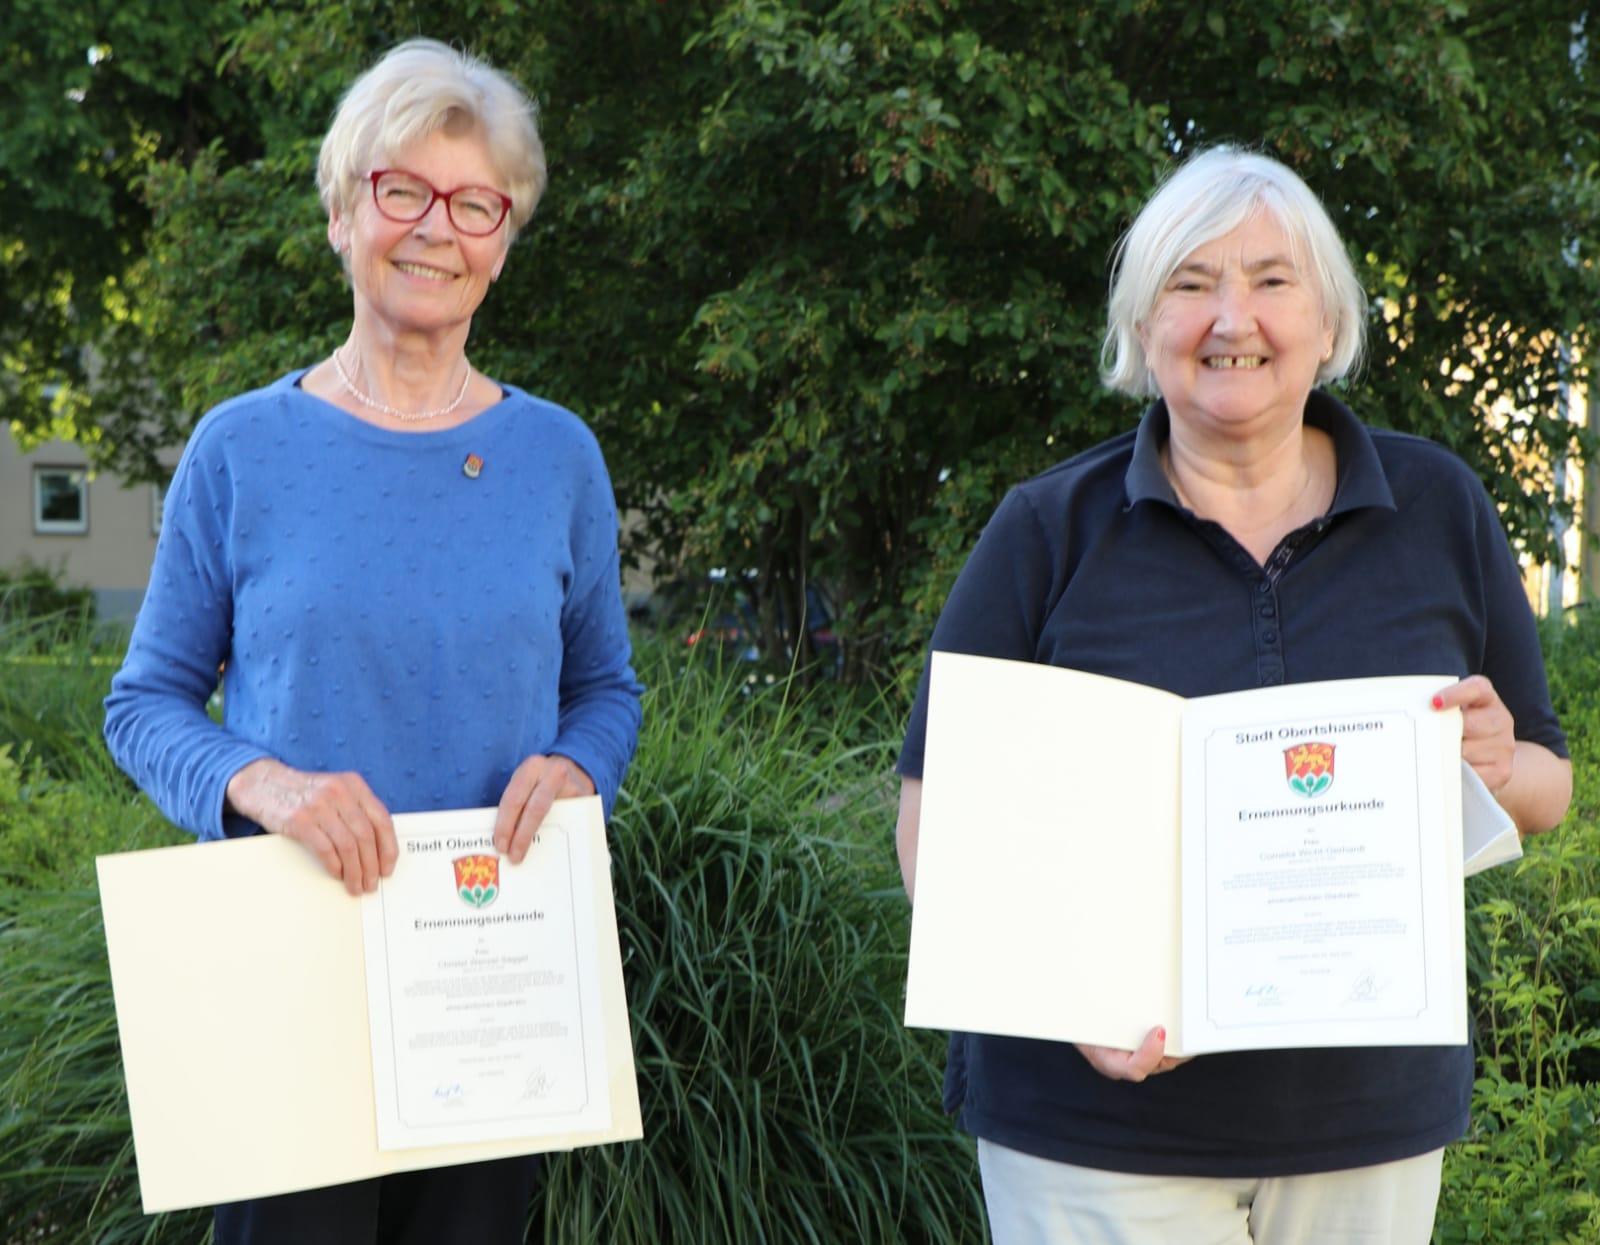 Conny und Christel zu Stadträtinnen ernannt